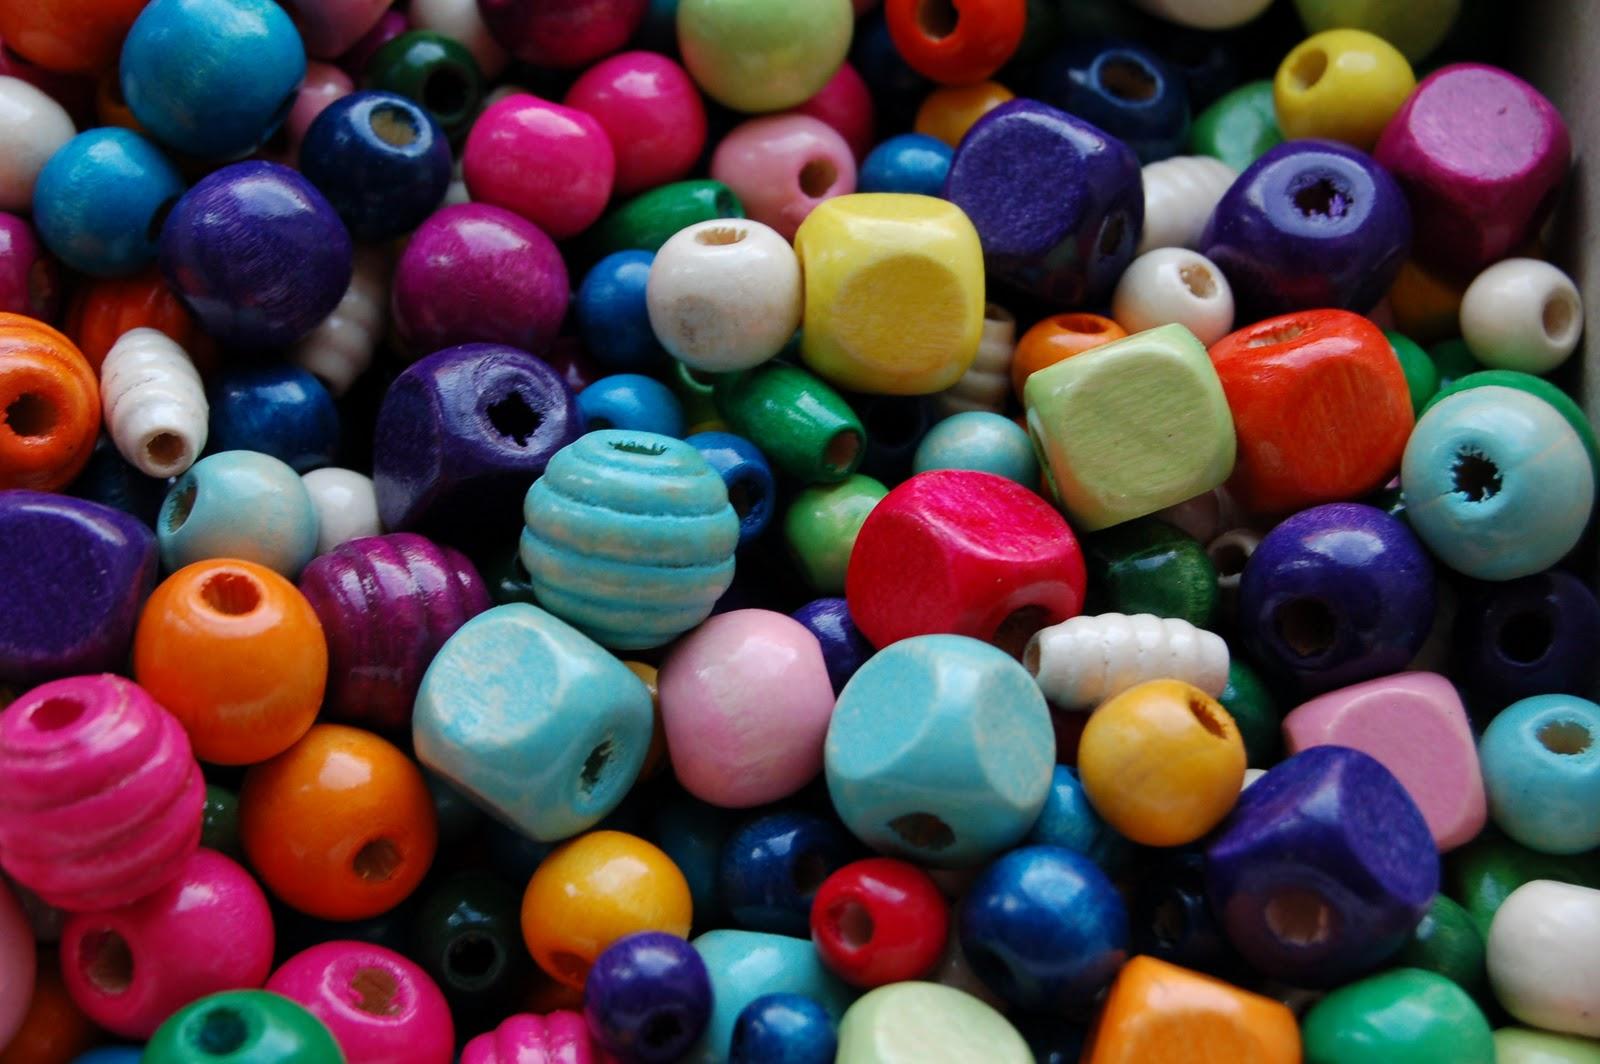 http://2.bp.blogspot.com/_a2NpqEceJrc/TGQE9EYMWbI/AAAAAAAAANk/xHwEKJ_d3tY/s1600/Wooden_beads.JPG